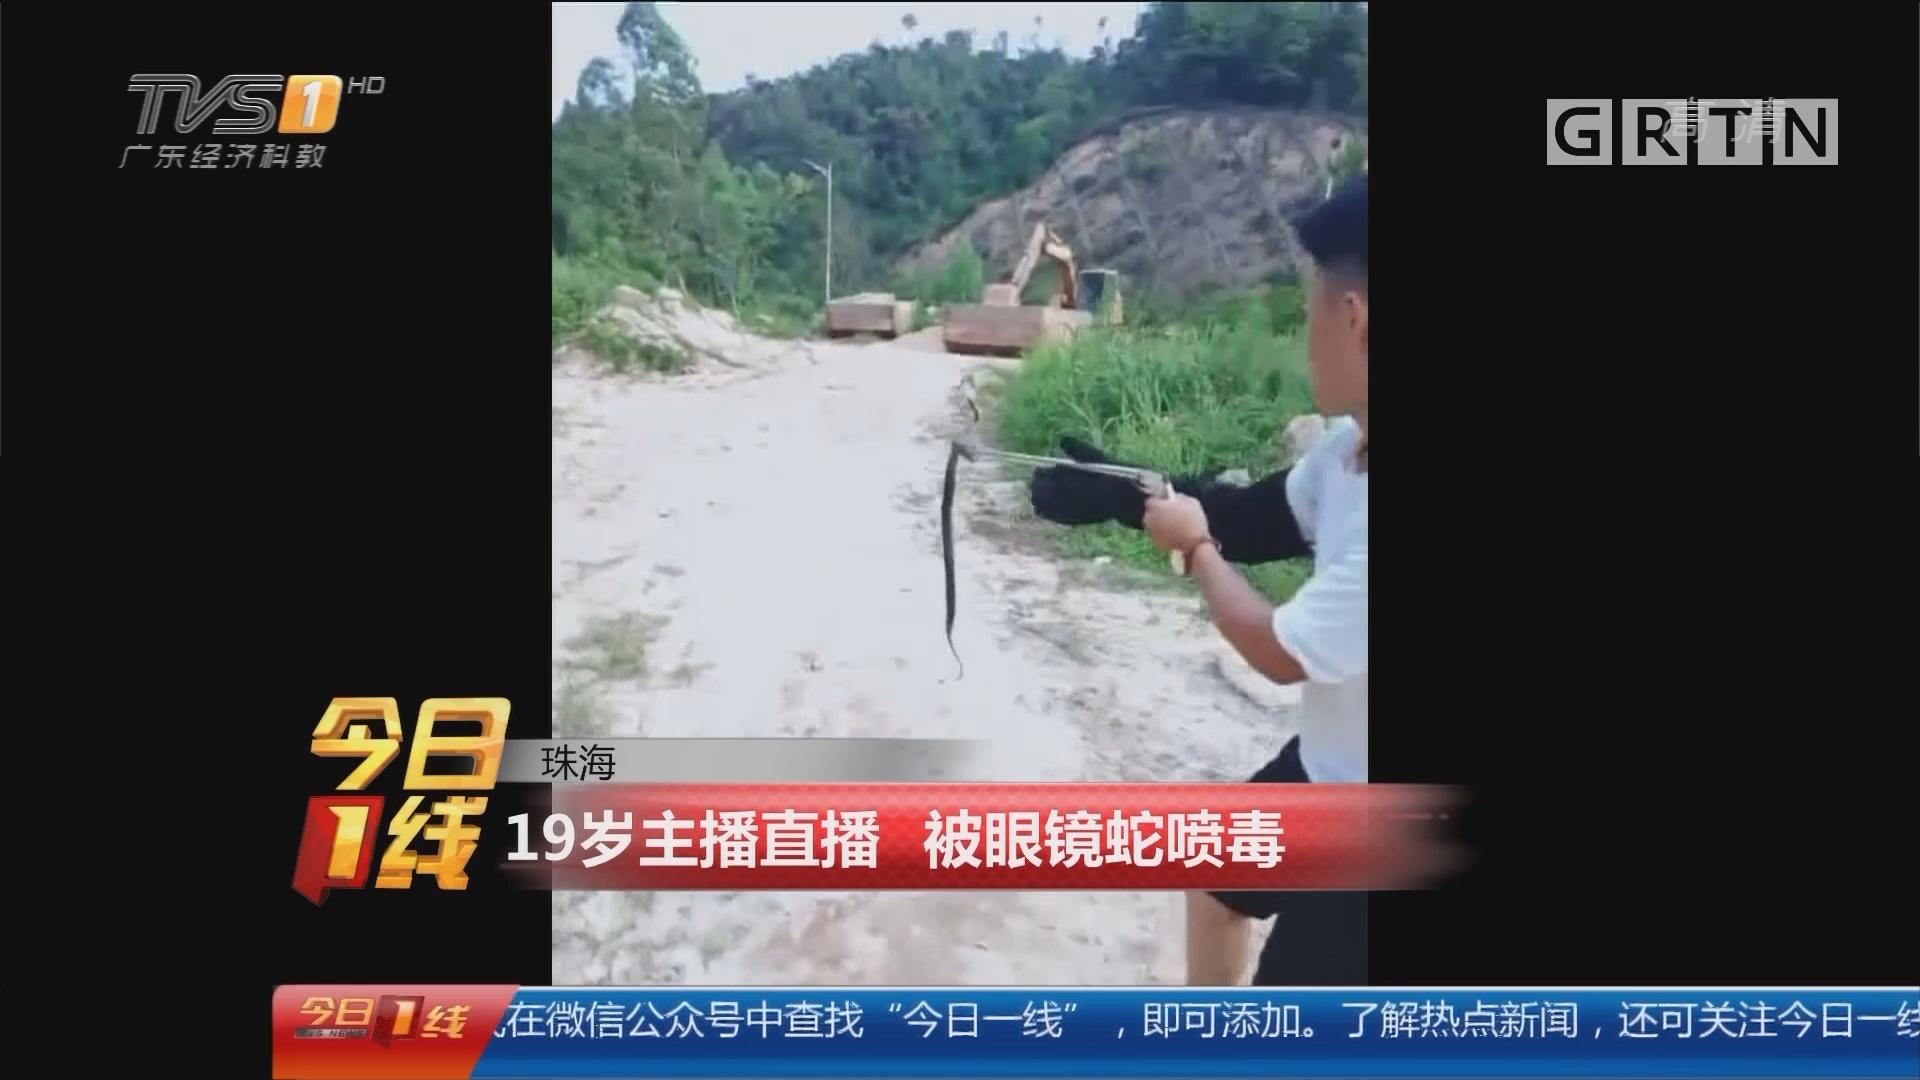 珠海:19岁主播直播 被眼镜蛇喷毒